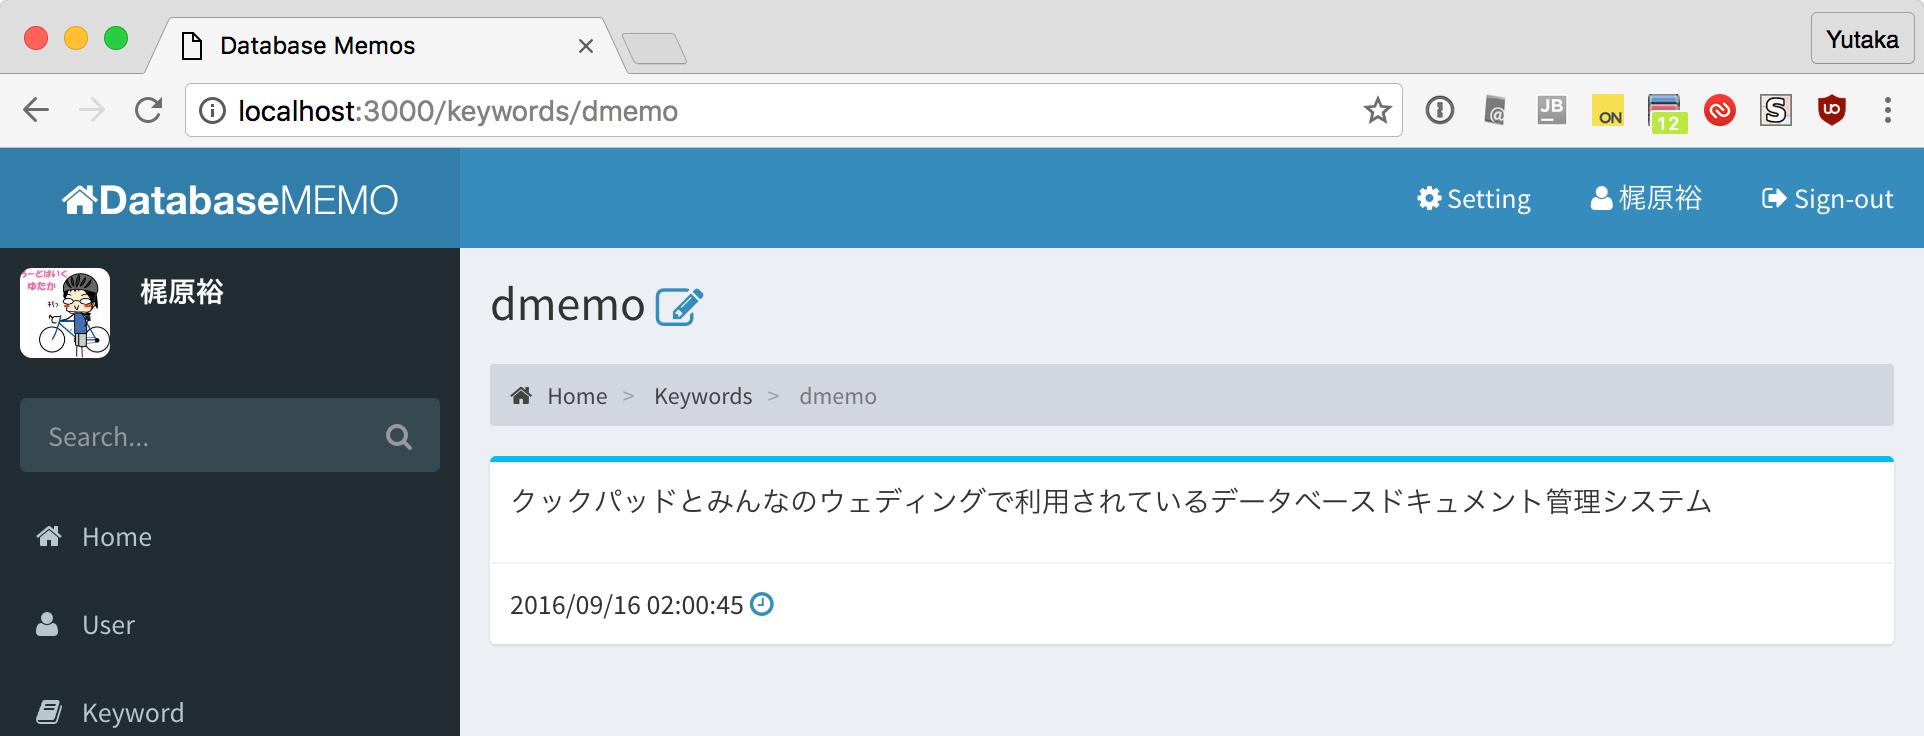 dmemo_09